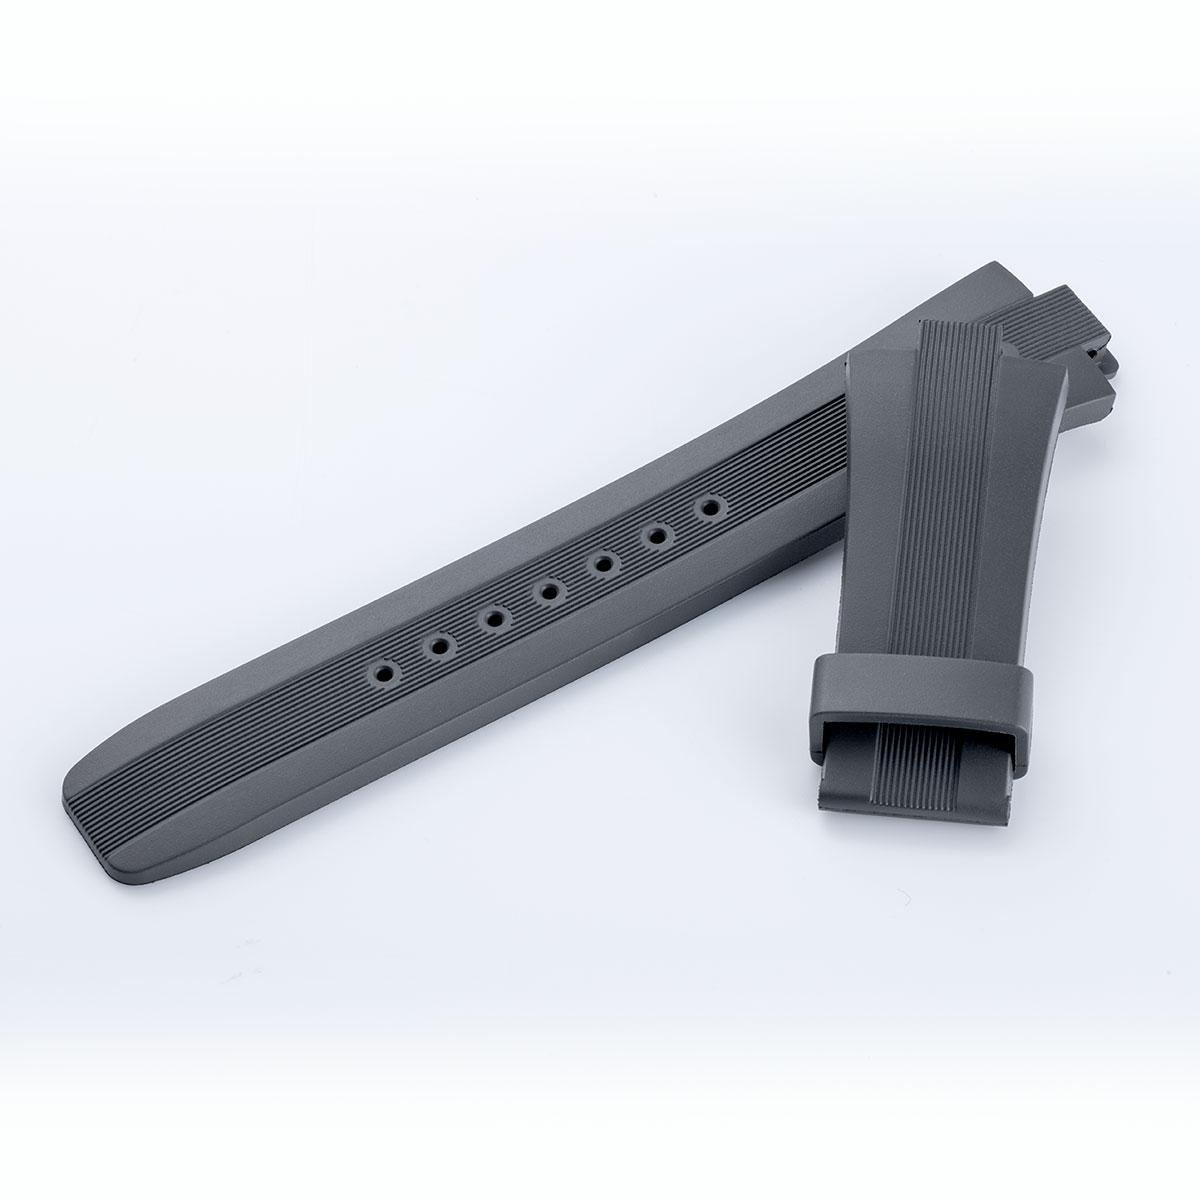 VM02用 ラバーストラップ – グレー(VM02-RGY)